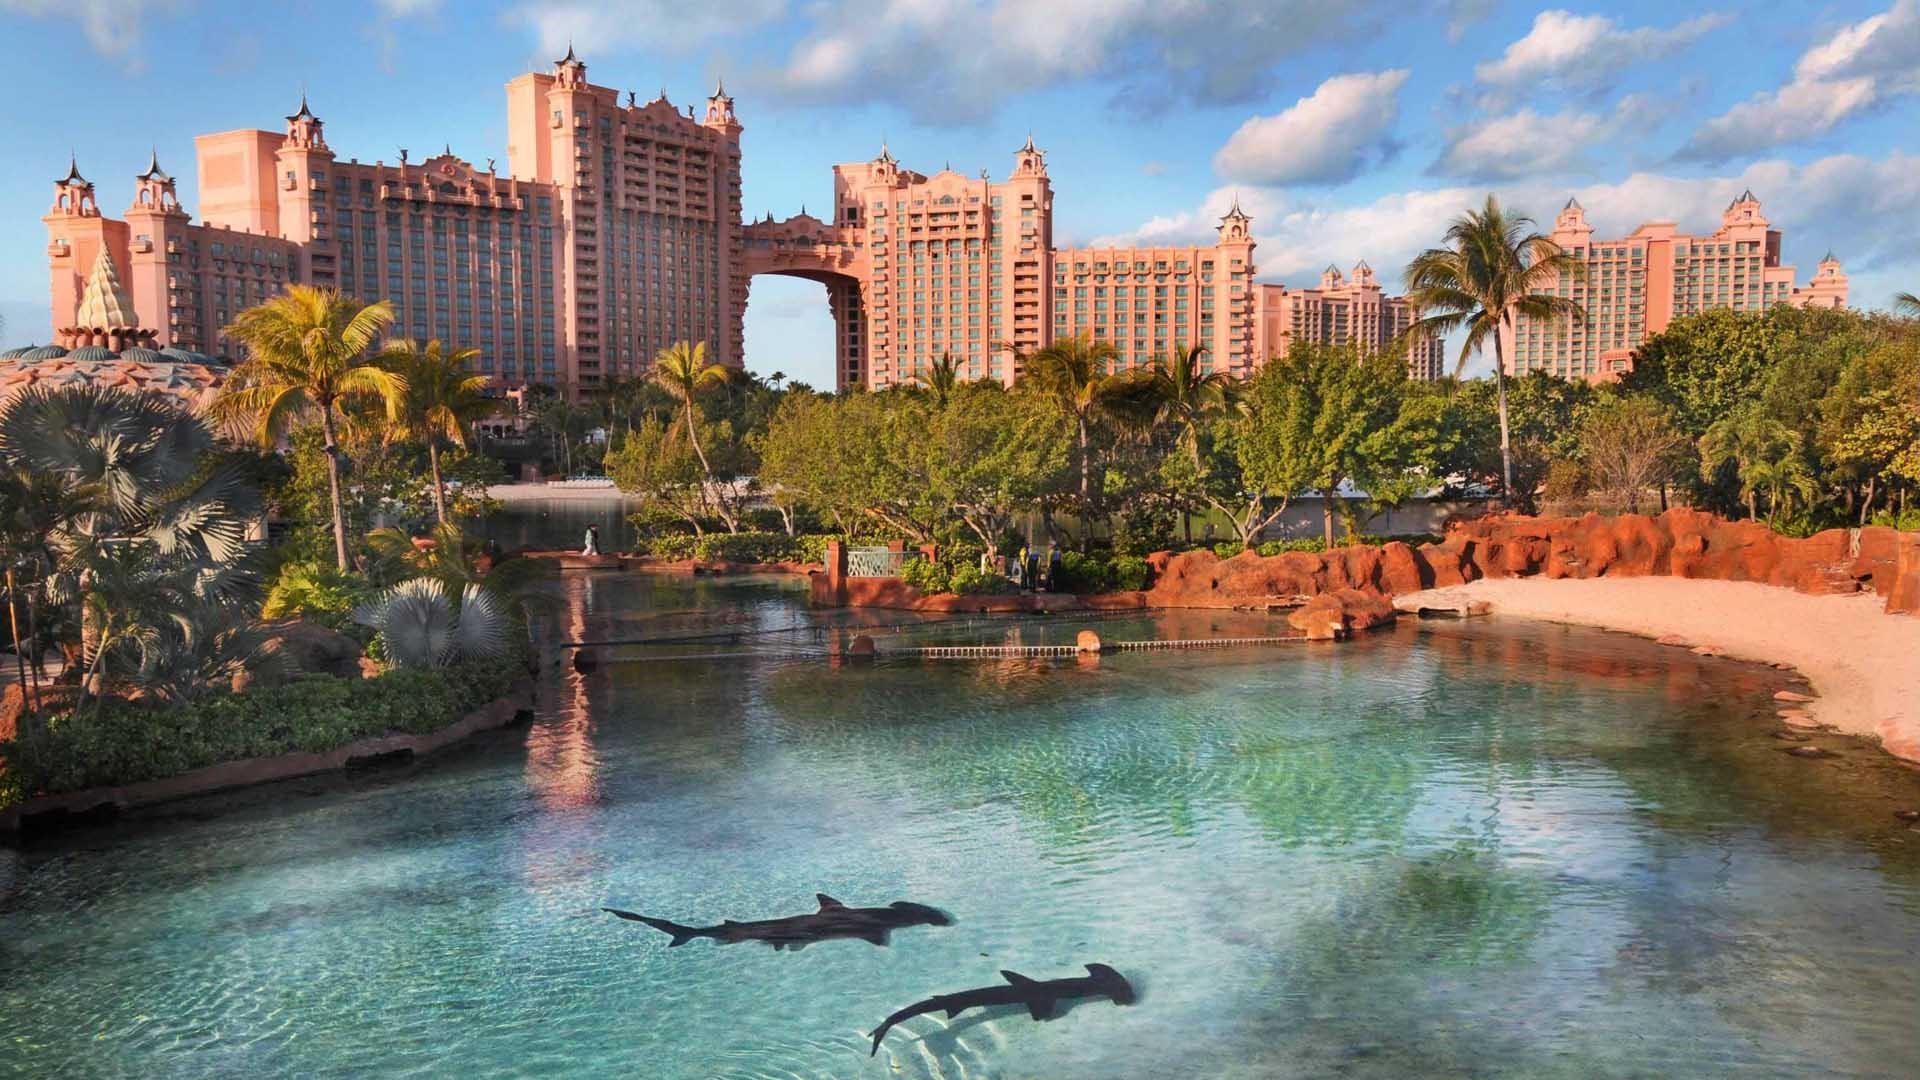 Ceasars casino in bahamas best gambling days for aquarius